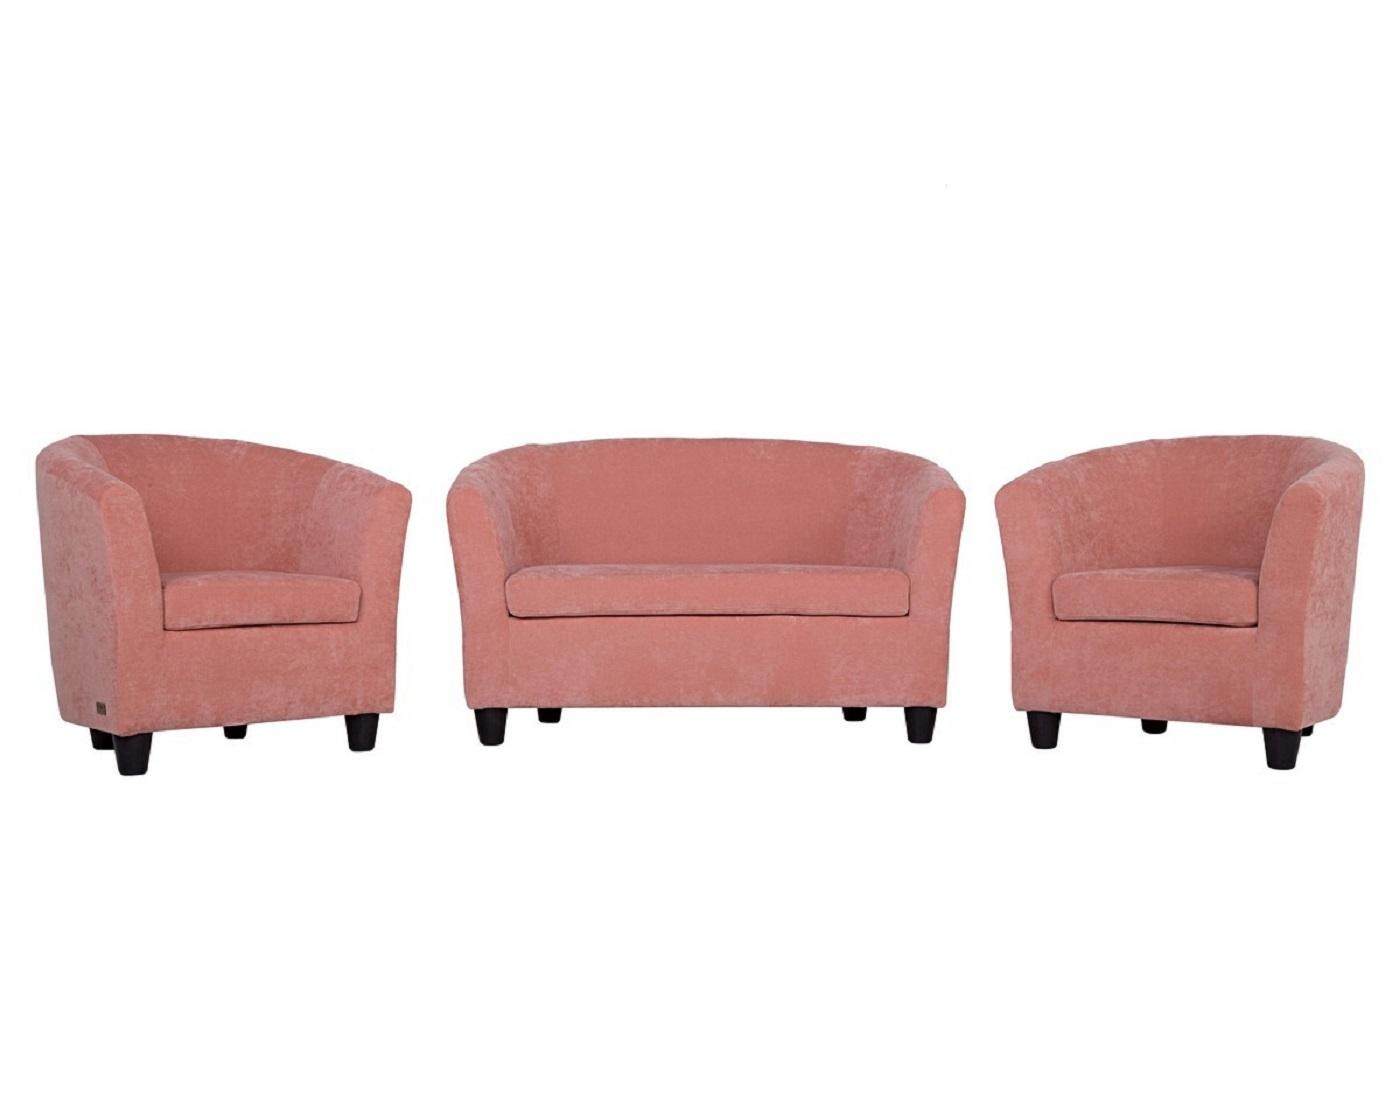 Комплект мебели СитиКомплекты мебели<br>&amp;lt;div&amp;gt;Только посмотрите на эту спинку! Она будто обнимает вас. Диван &amp;quot;Сити&amp;quot; даст вам возможность отдохнуть с комфортом, не важно, где вы находитесь: в офисе или дома. А прочный деревянный каркас обеспечит идеальную поддержку. Если вам встречался более удобный компактный диван, напишите нам! Мы бы тоже хотели увидеть такое чудо.&amp;amp;nbsp;&amp;lt;br&amp;gt;&amp;lt;/div&amp;gt;&amp;lt;div&amp;gt;&amp;lt;br&amp;gt;&amp;lt;/div&amp;gt;В комплект входят два кресла и диван.&amp;lt;div&amp;gt;Размеры кресла: 81х80х70 см;&amp;lt;/div&amp;gt;&amp;lt;div&amp;gt;Размеры дивана: 131х80х70 см;&amp;lt;/div&amp;gt;&amp;lt;div&amp;gt;Материал: микровелюр.&amp;lt;/div&amp;gt;<br><br>Material: Велюр<br>Ширина см: 135.0<br>Высота см: 70.0<br>Глубина см: 70.0